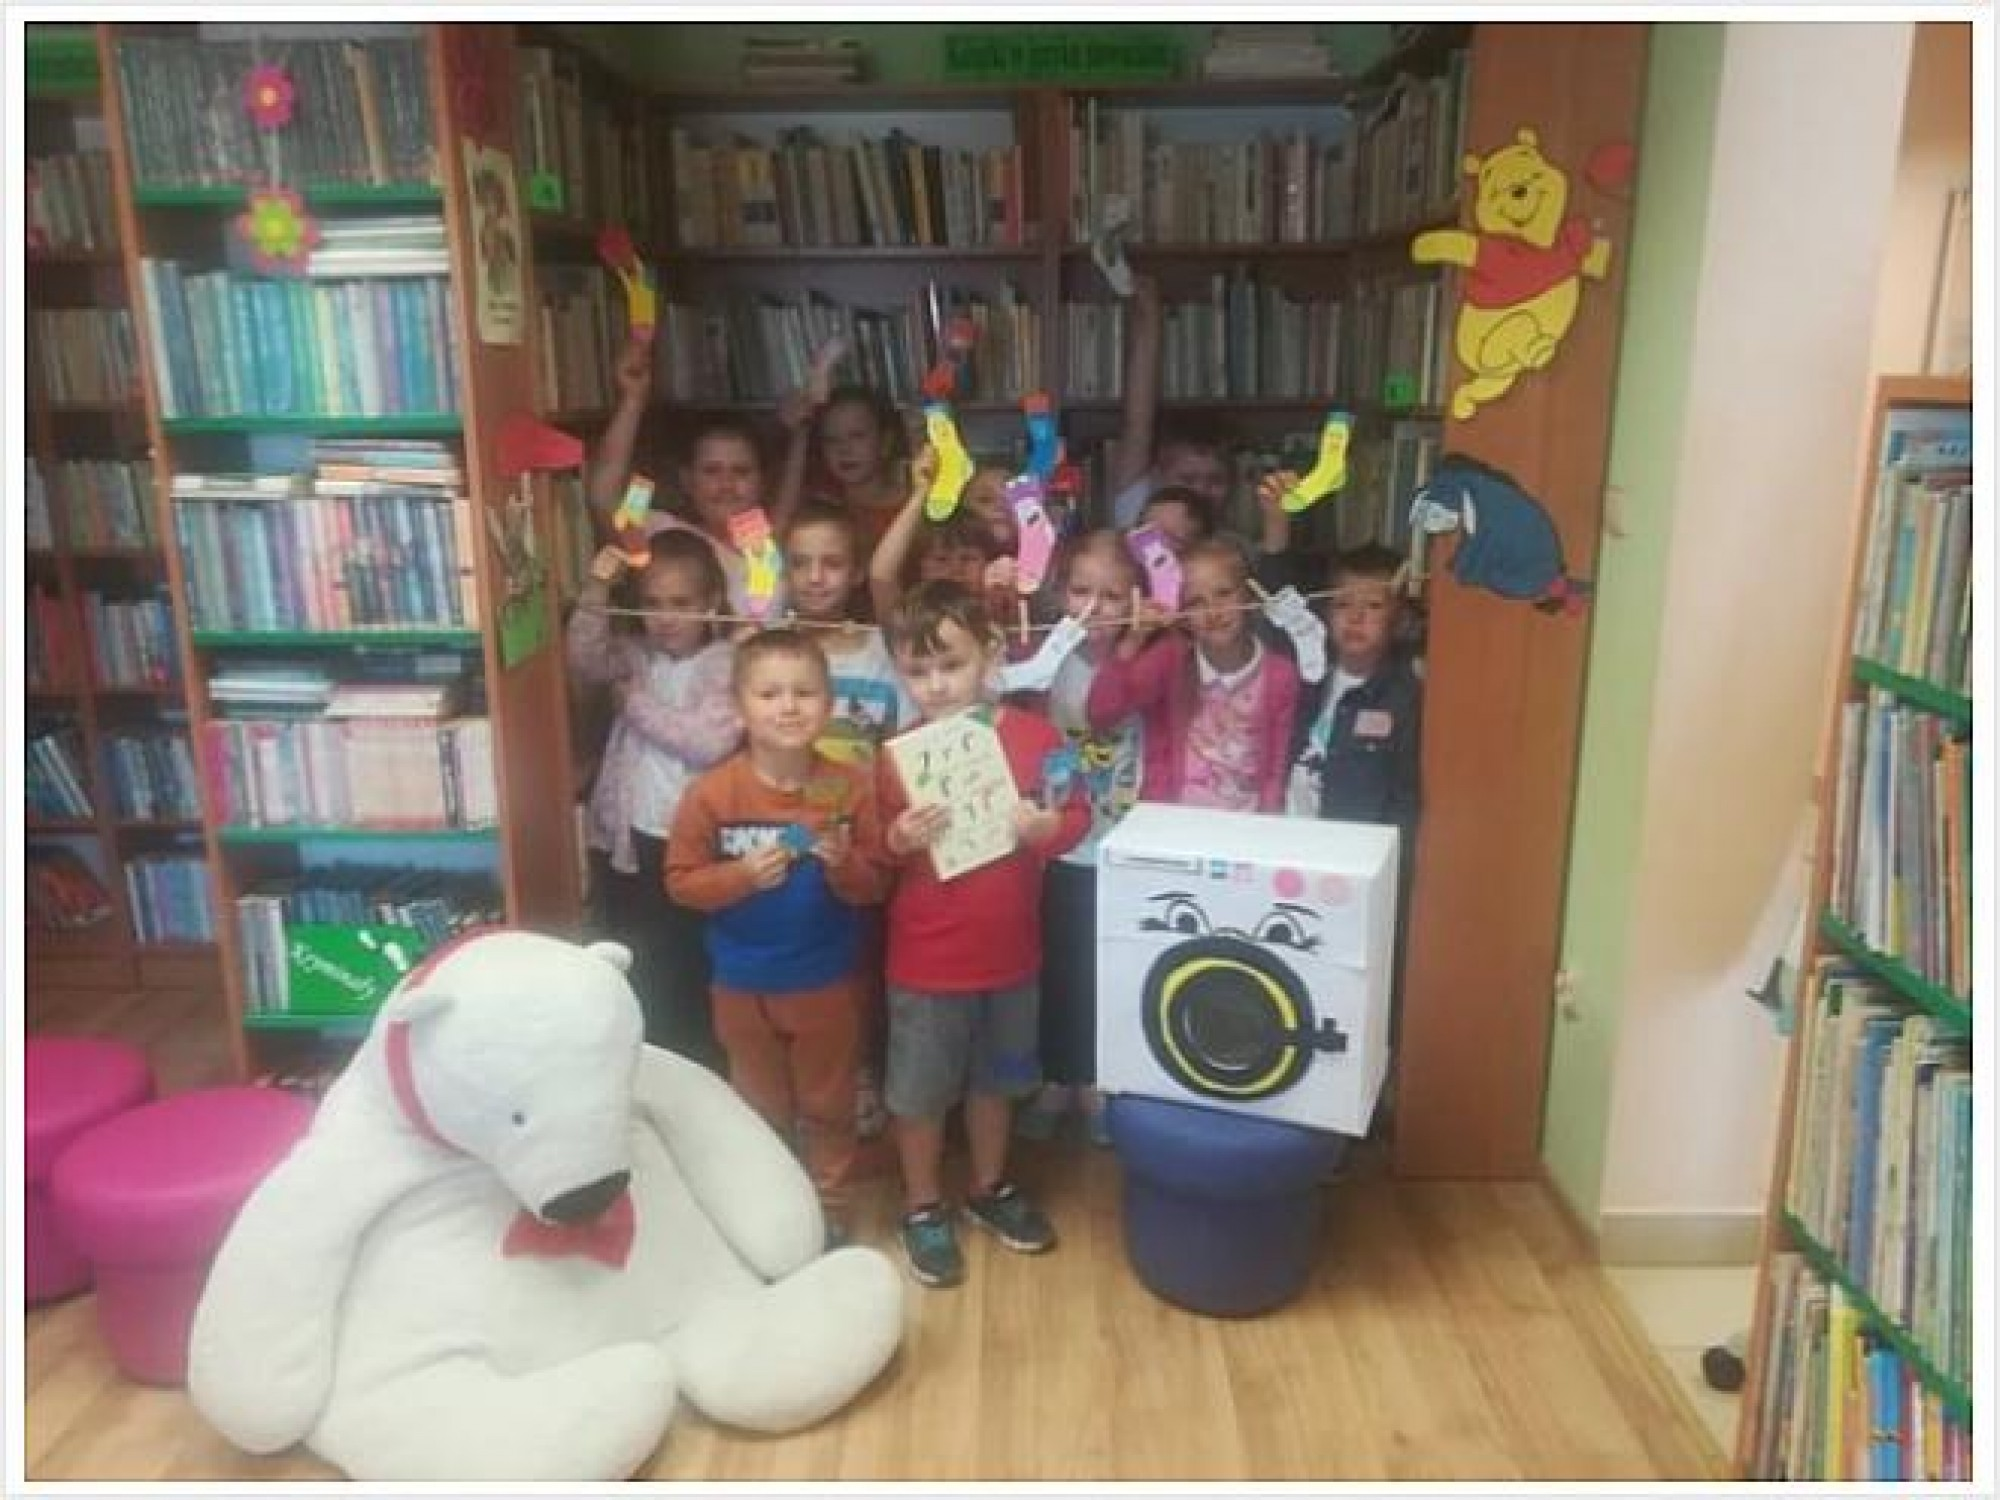 Uczniowie ze Szkoły Podstawowej w Dursztynie z wizytą w Bibliotece Publicznej w Nowej Białej